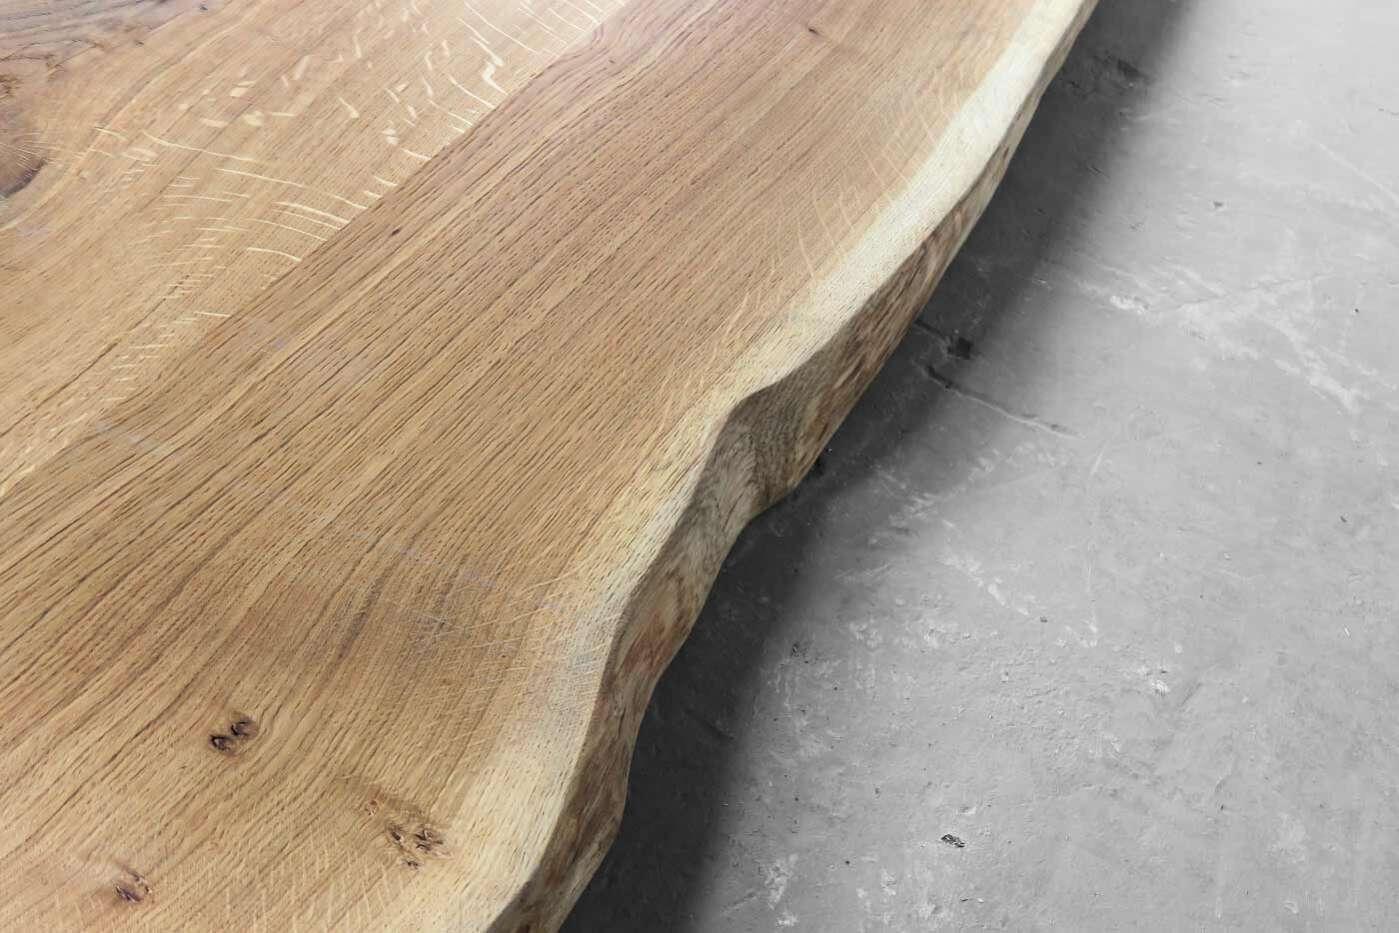 holzplatte aus baumstamm best free mit jetzt online nach ma und bei mbzwo bestellen massivholz. Black Bedroom Furniture Sets. Home Design Ideas